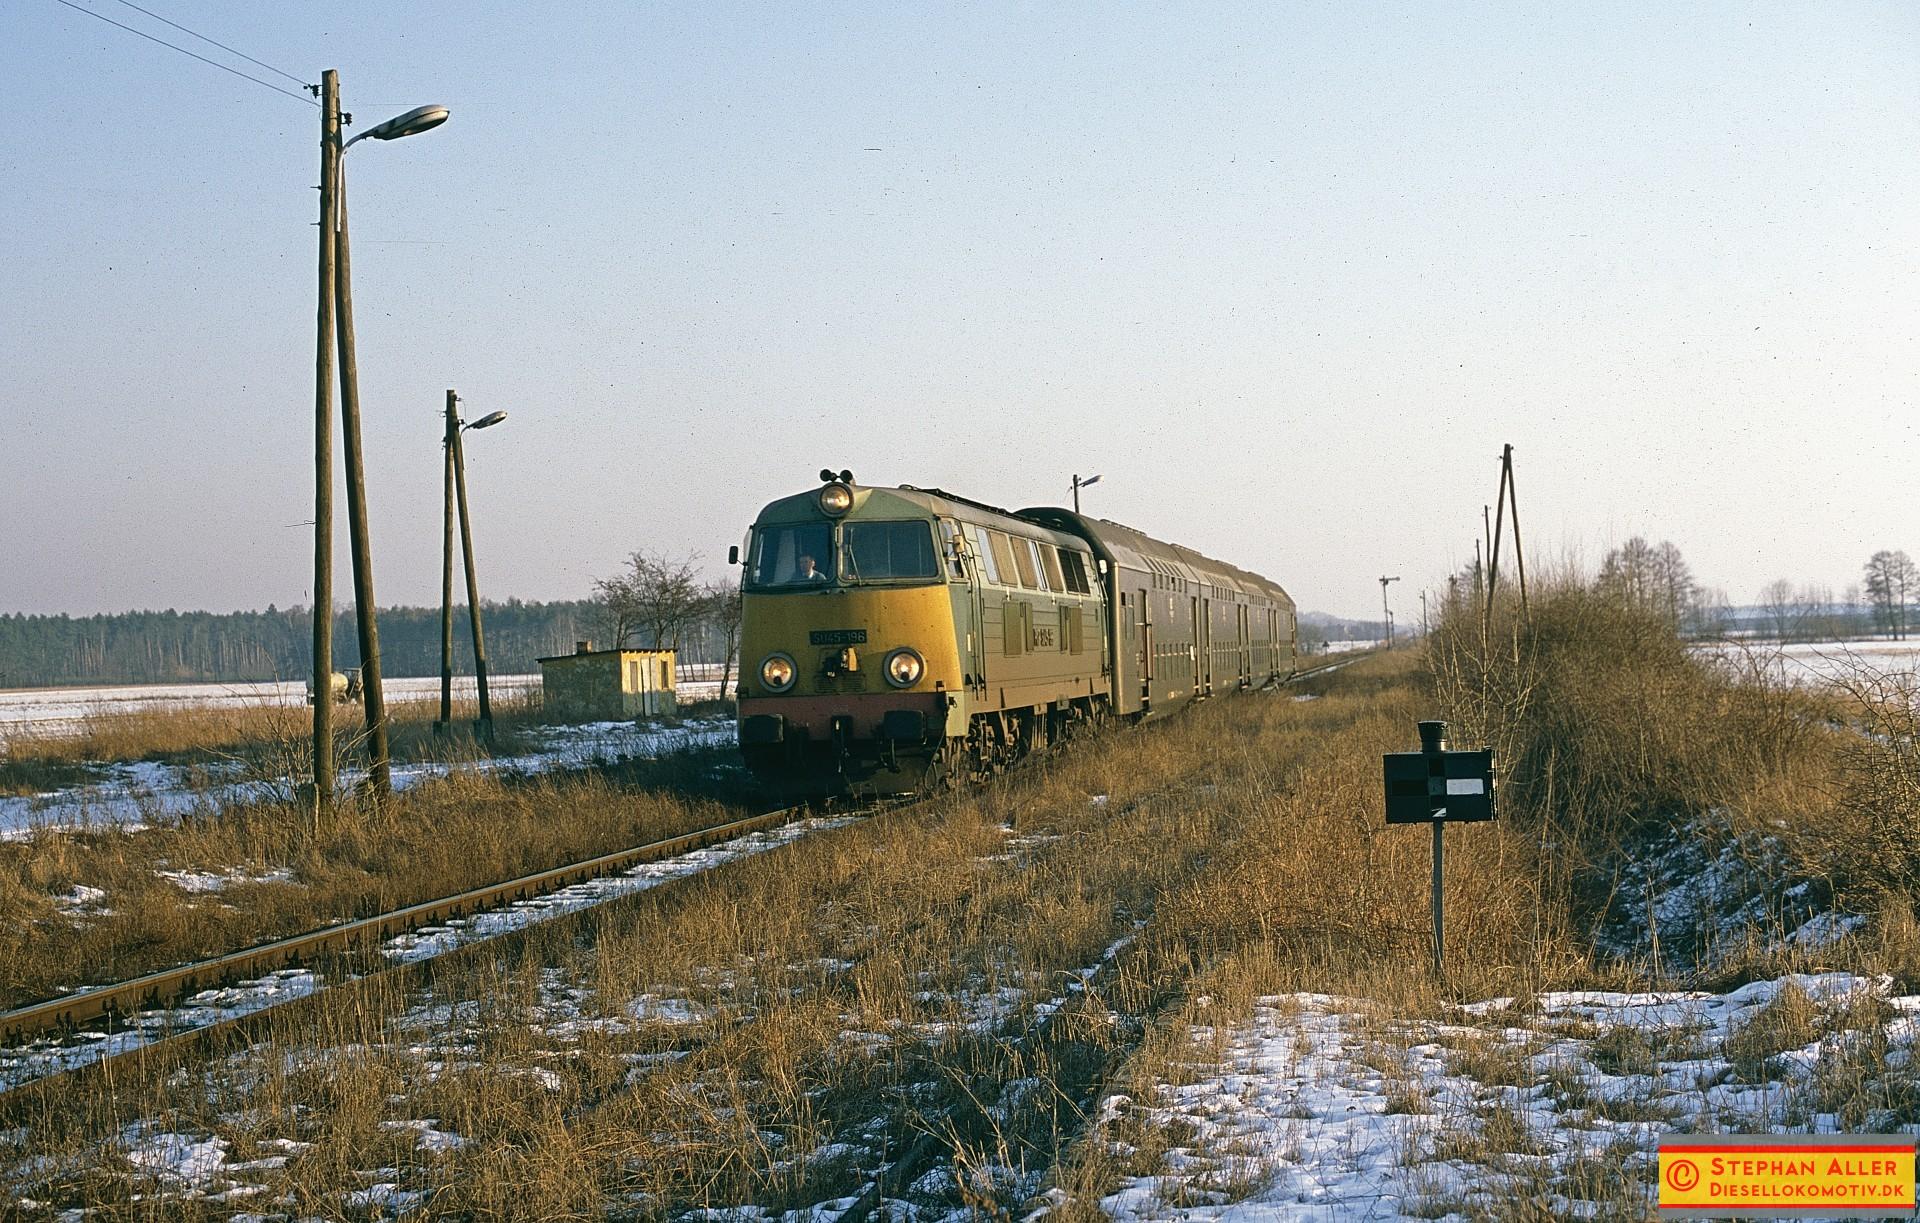 FP5963r